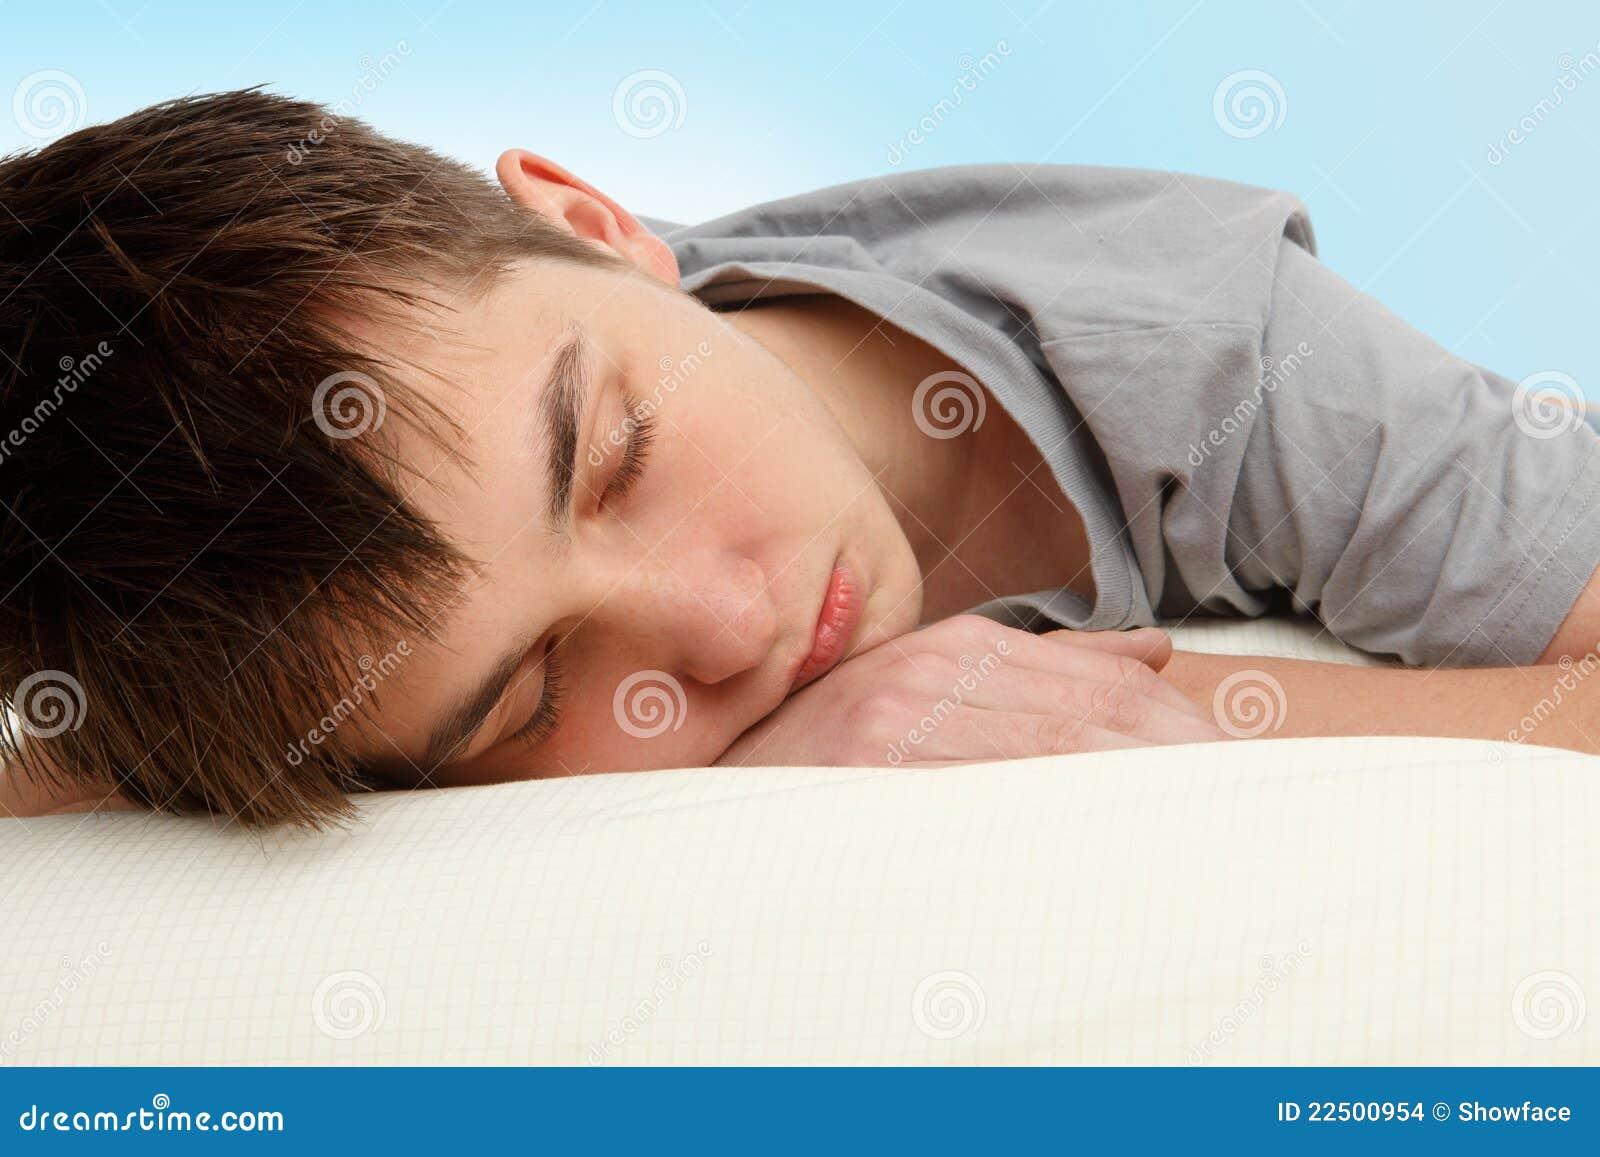 Sleeping Teen Thumbs 76